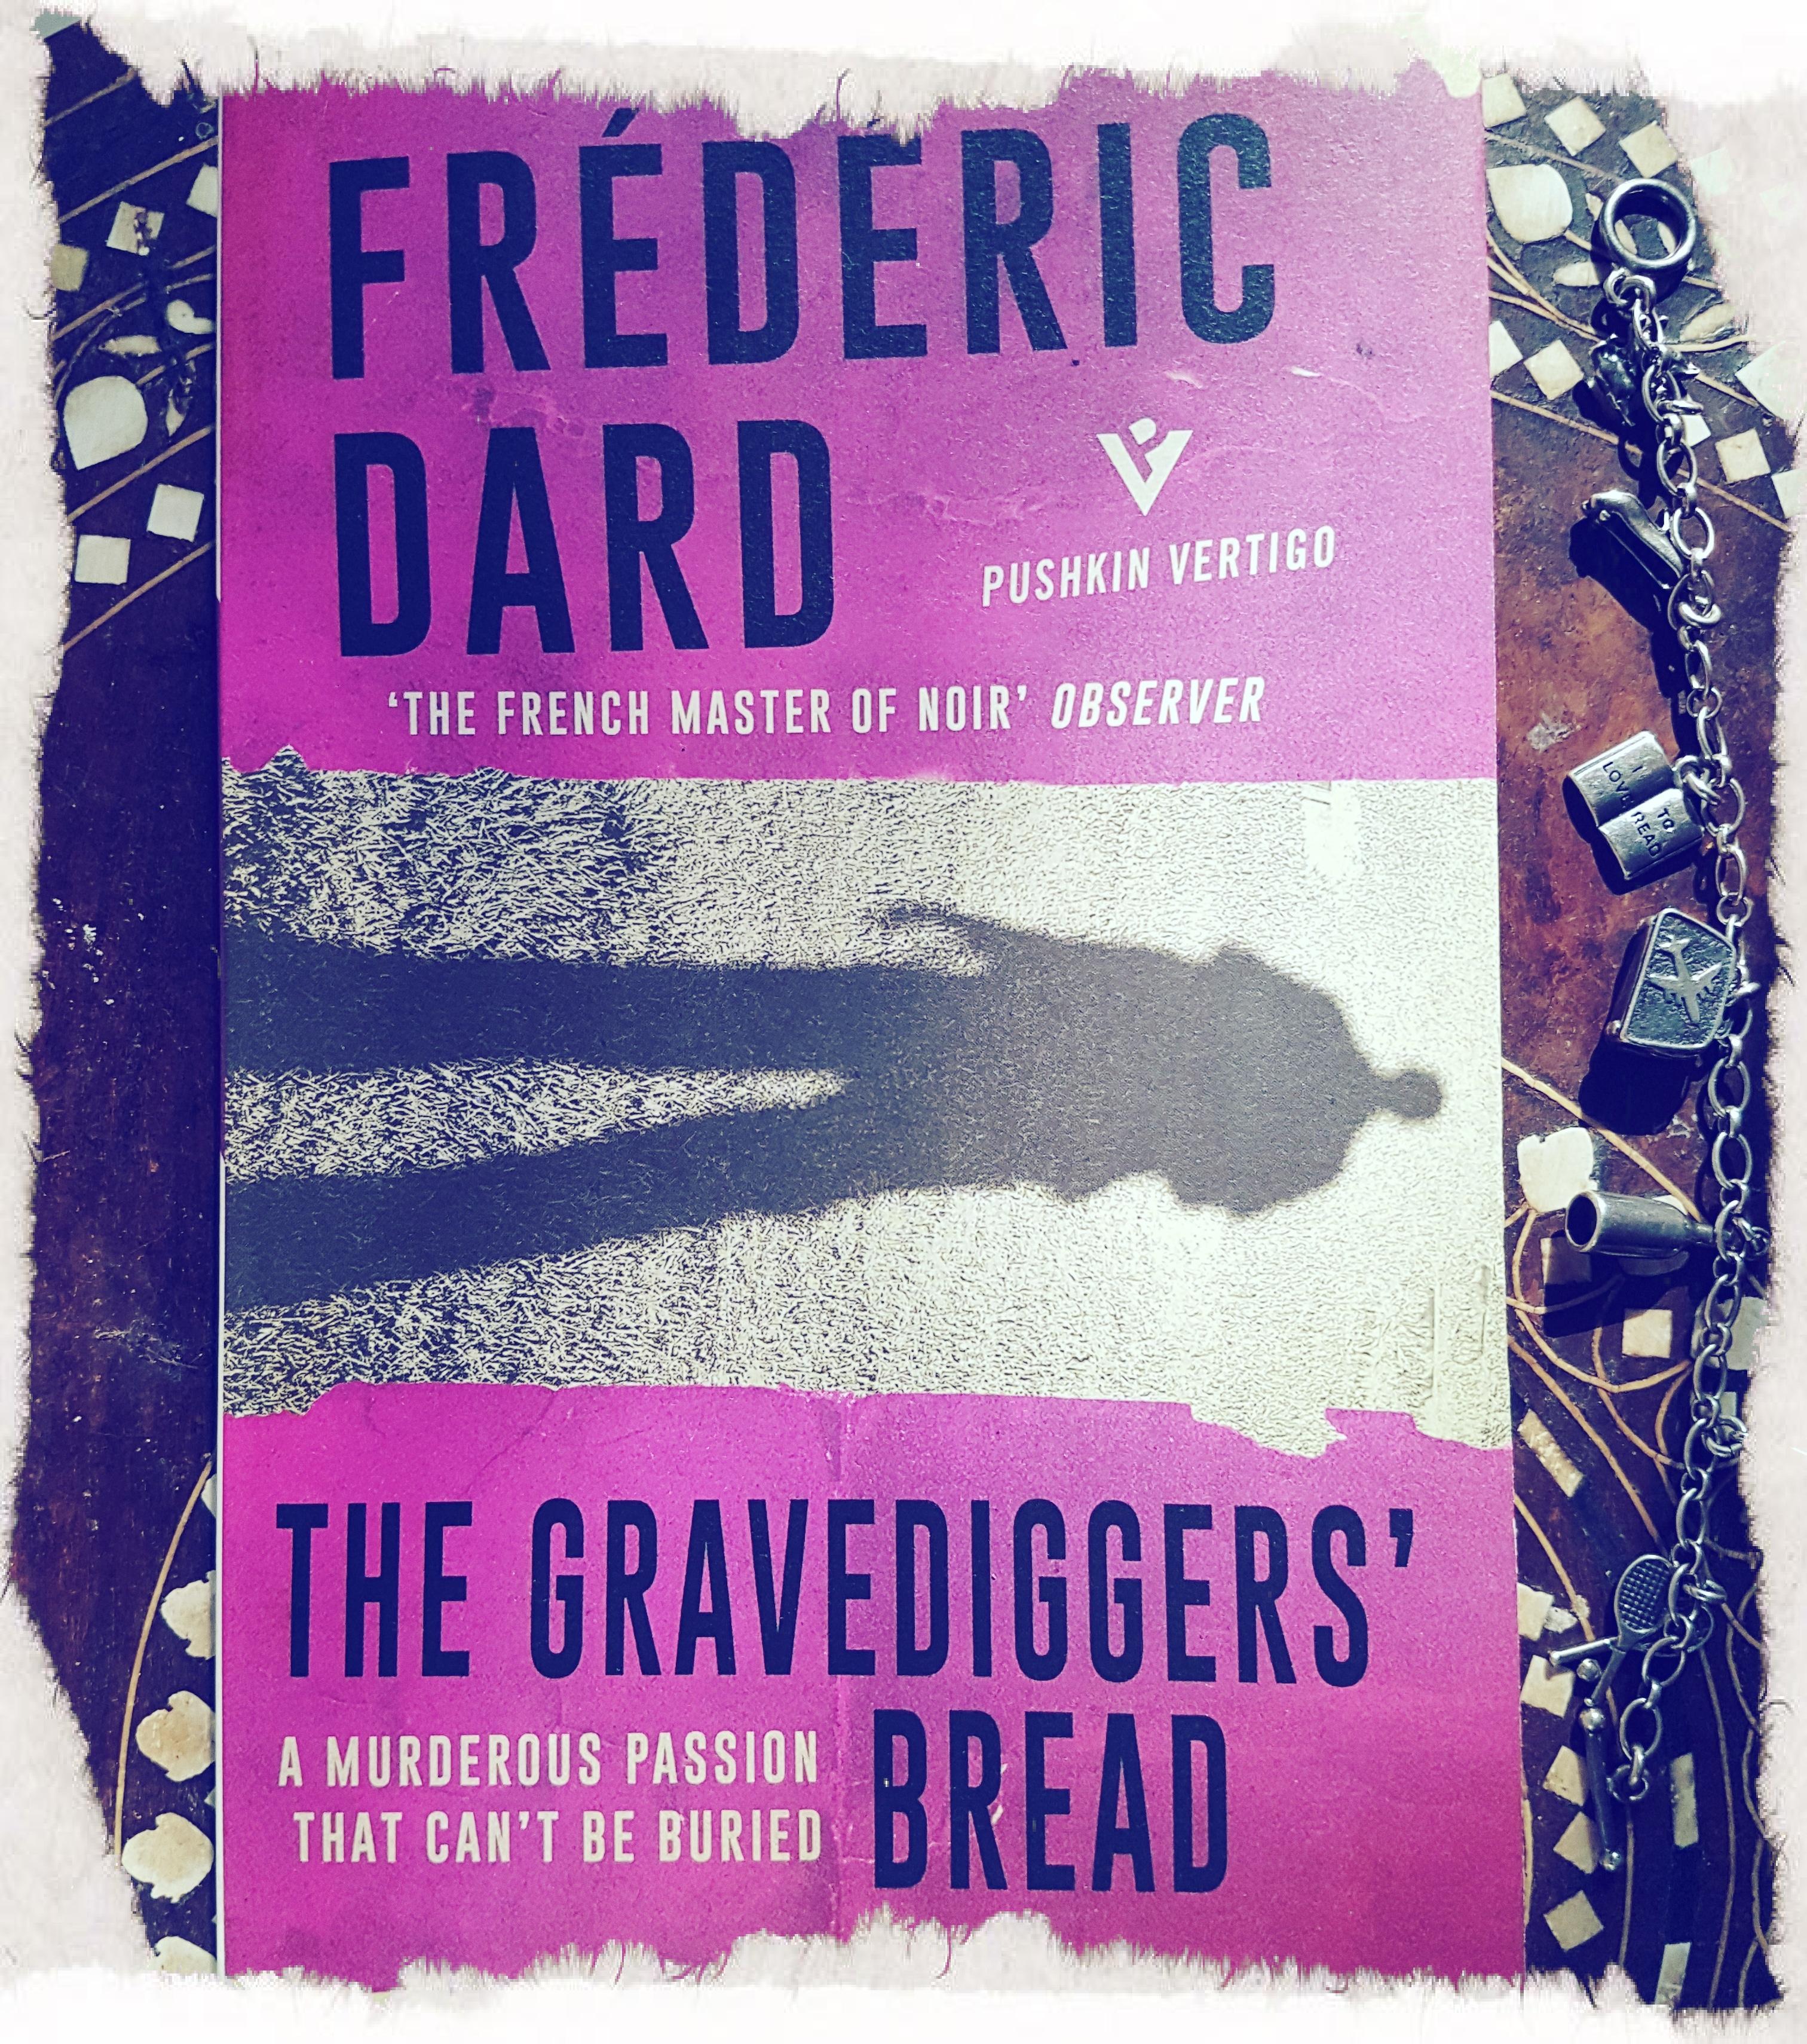 Gravedigger's bread